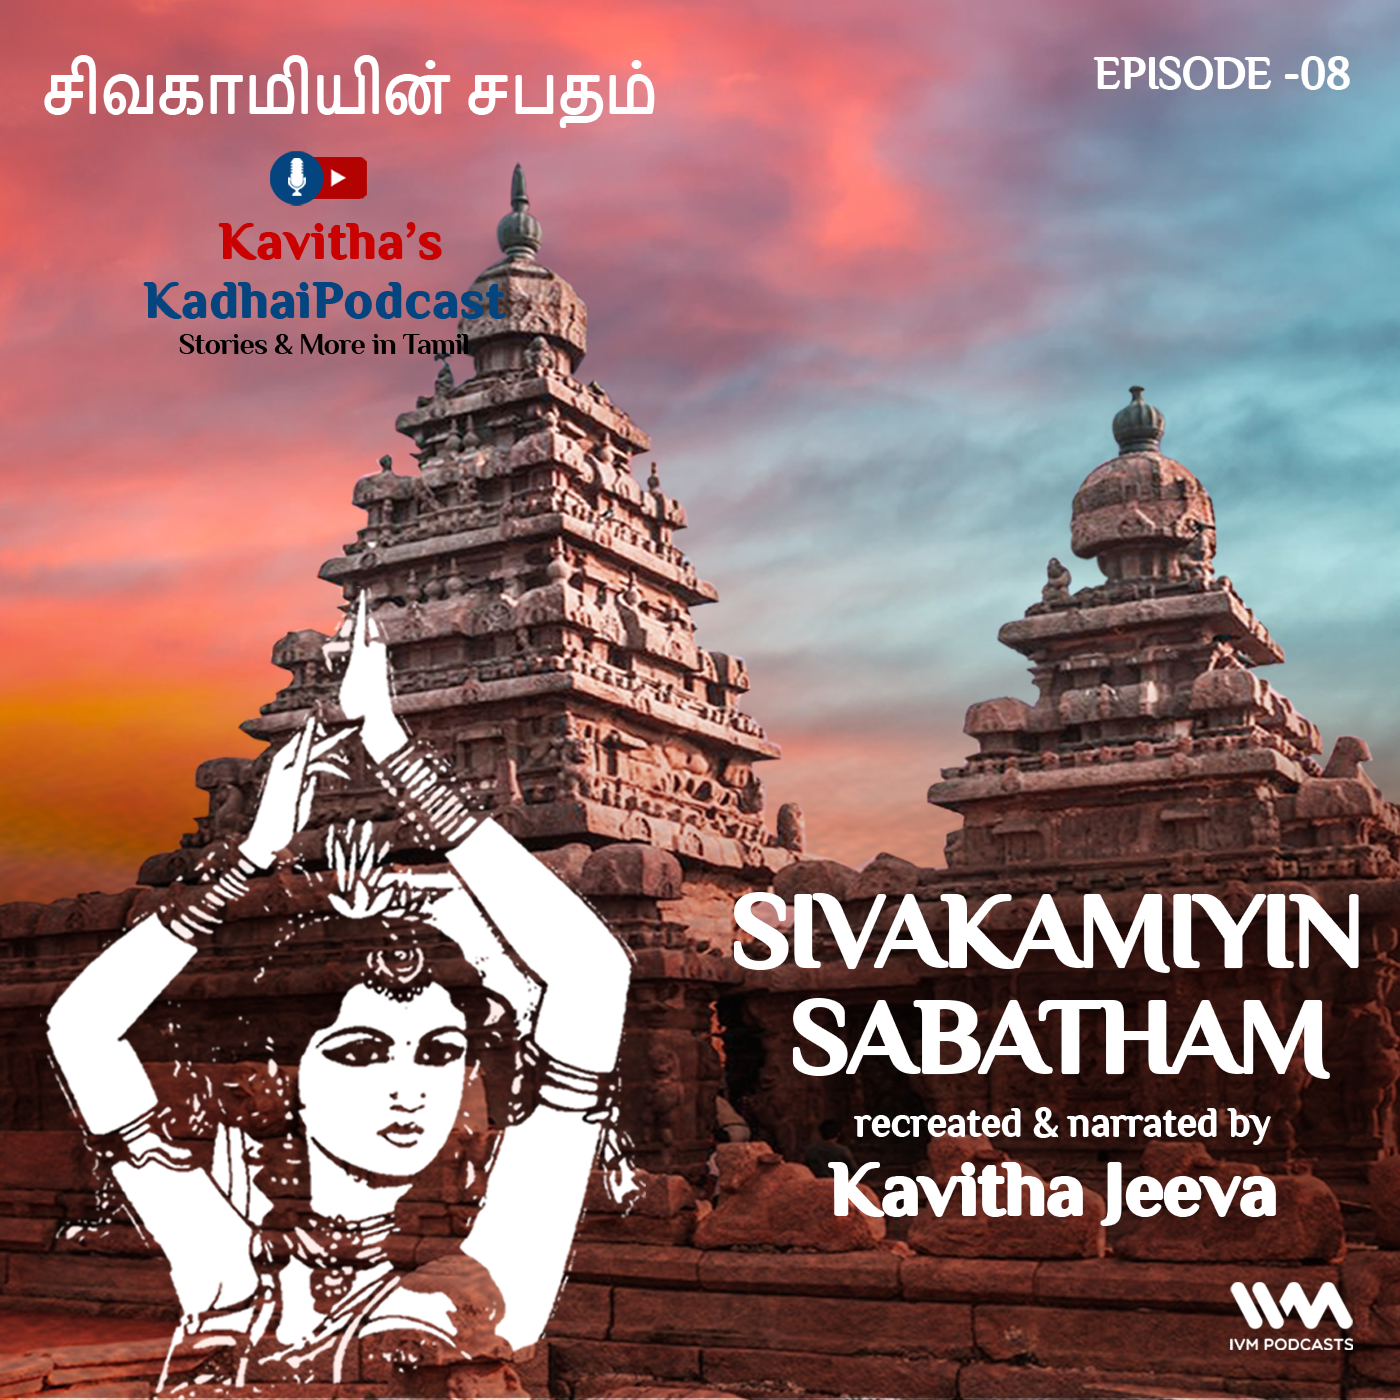 Sivakamiyin Sabatham Exclusive # 8